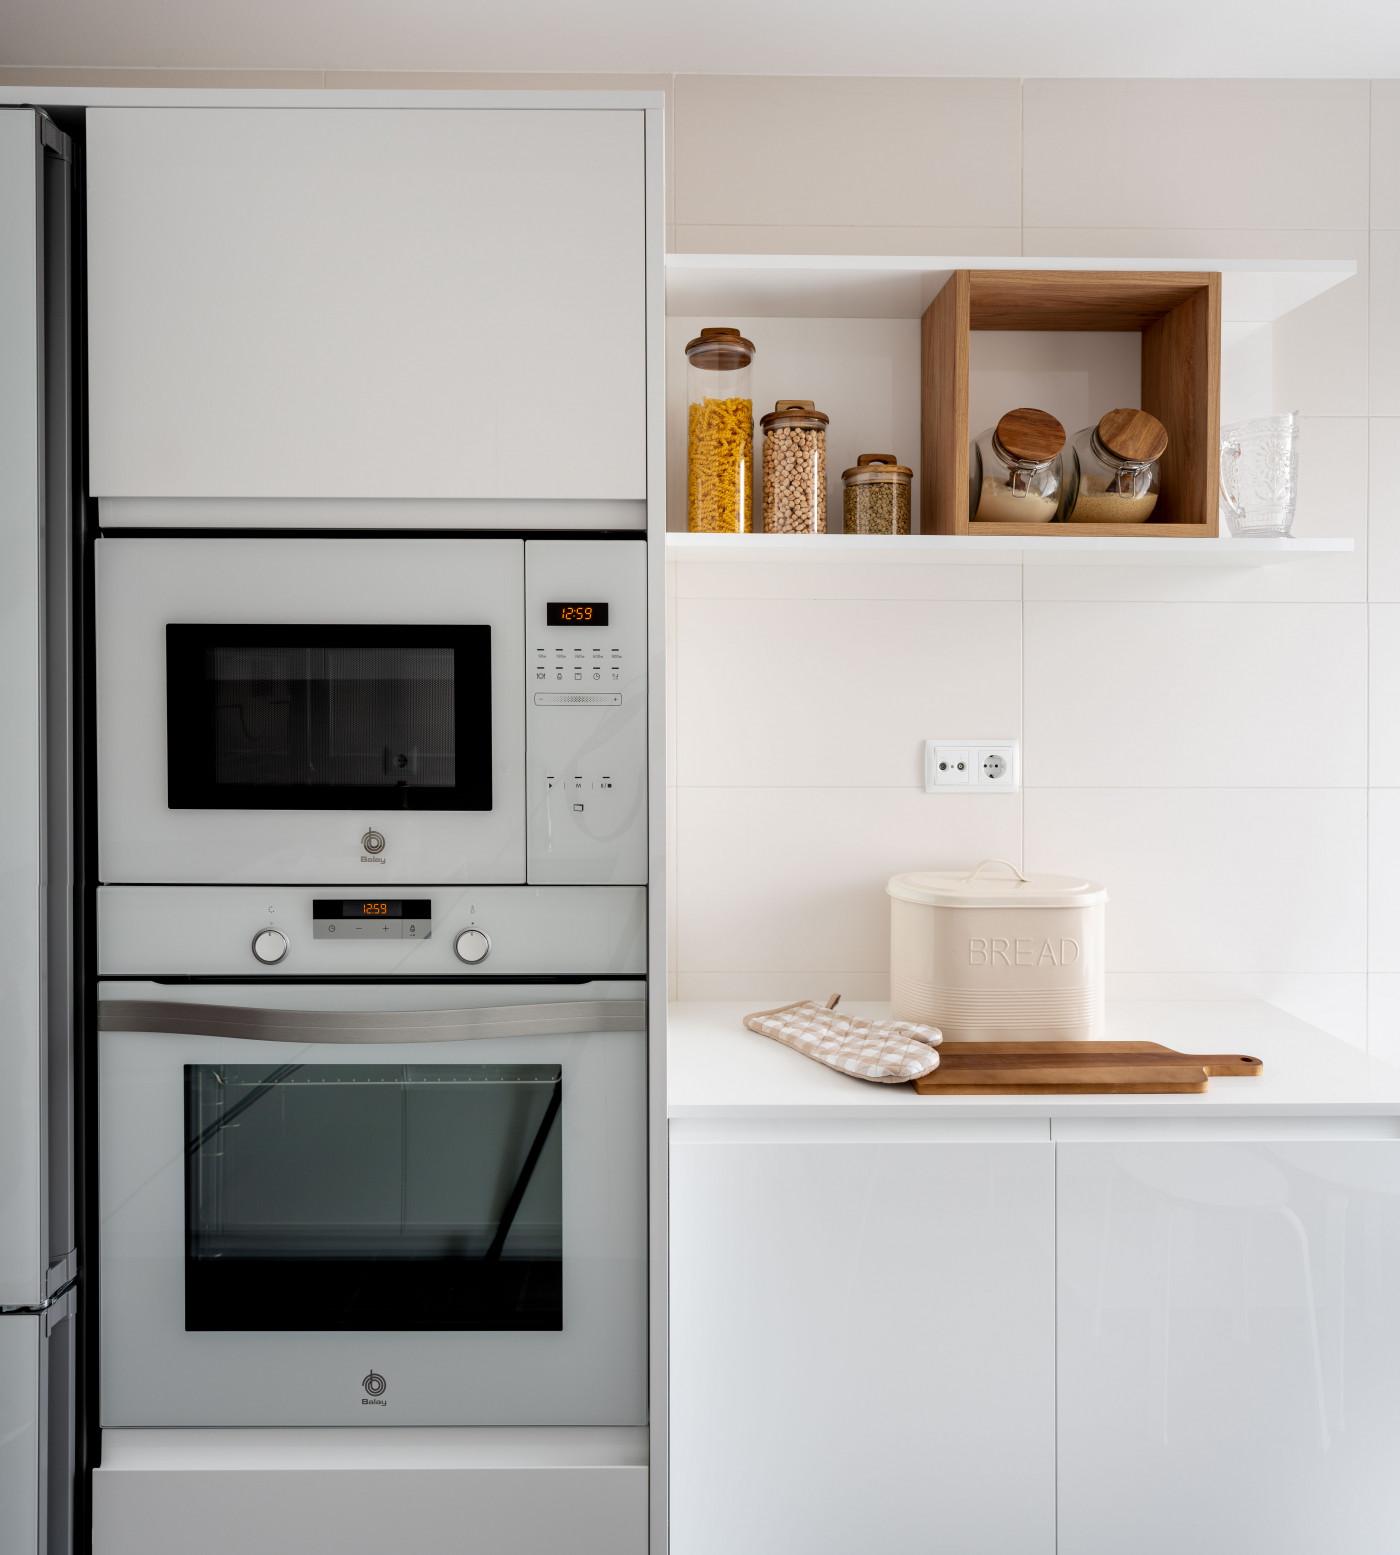 Electrodomésticos de la cocina reformada de Casa LUR.